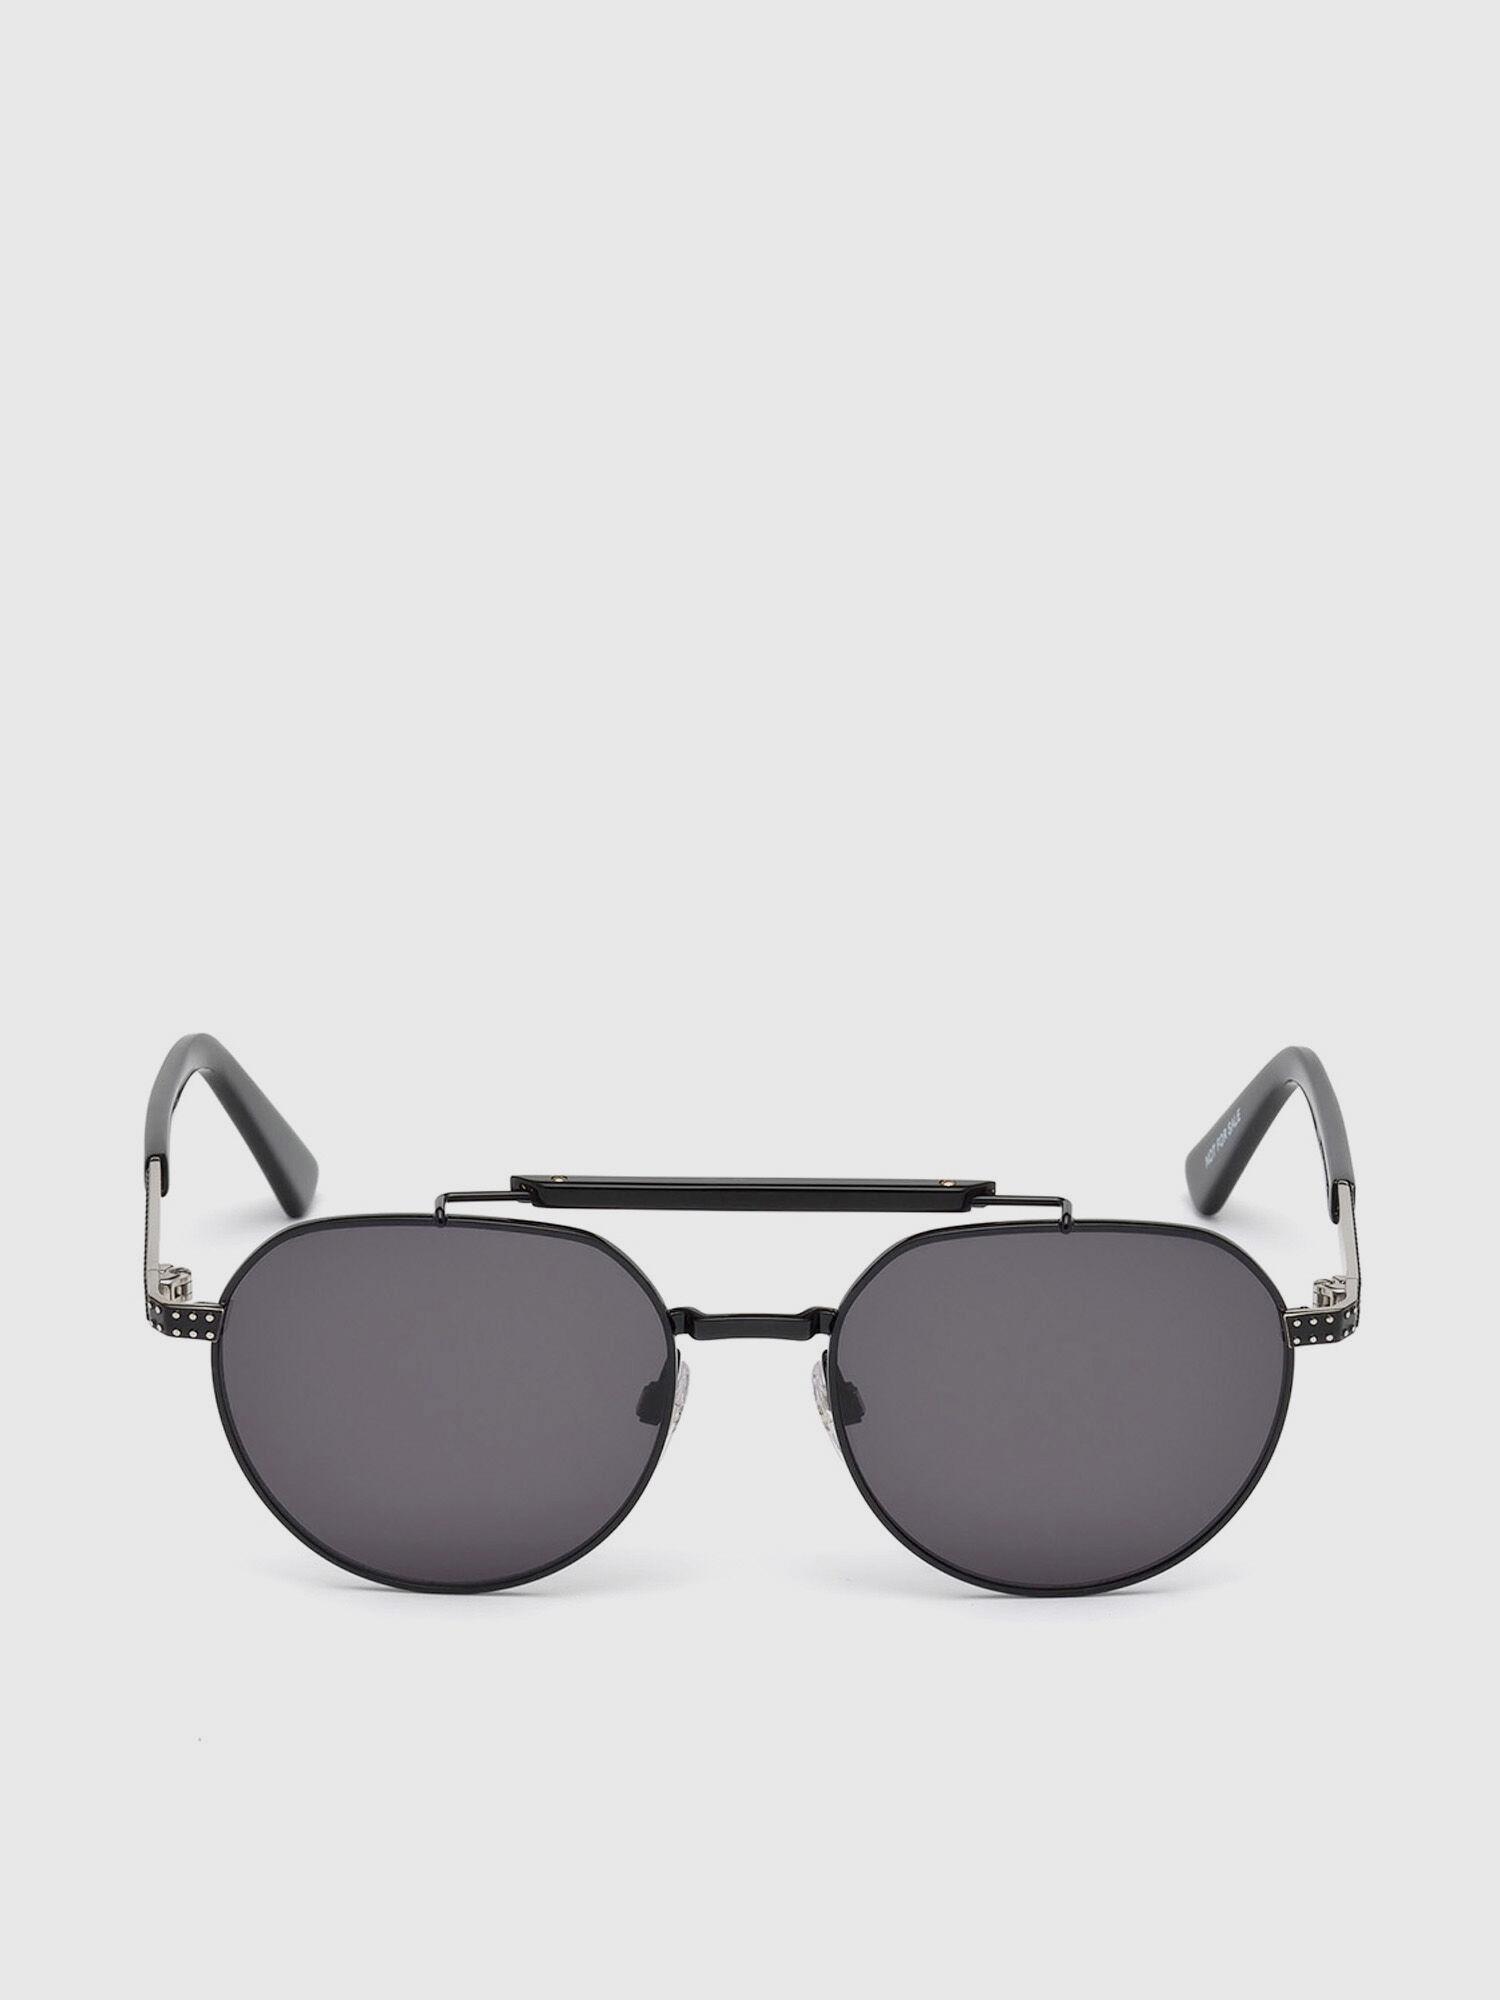 Diesel Sonnenbrille » DL0260«, schwarz, 02A - schwarz/grau